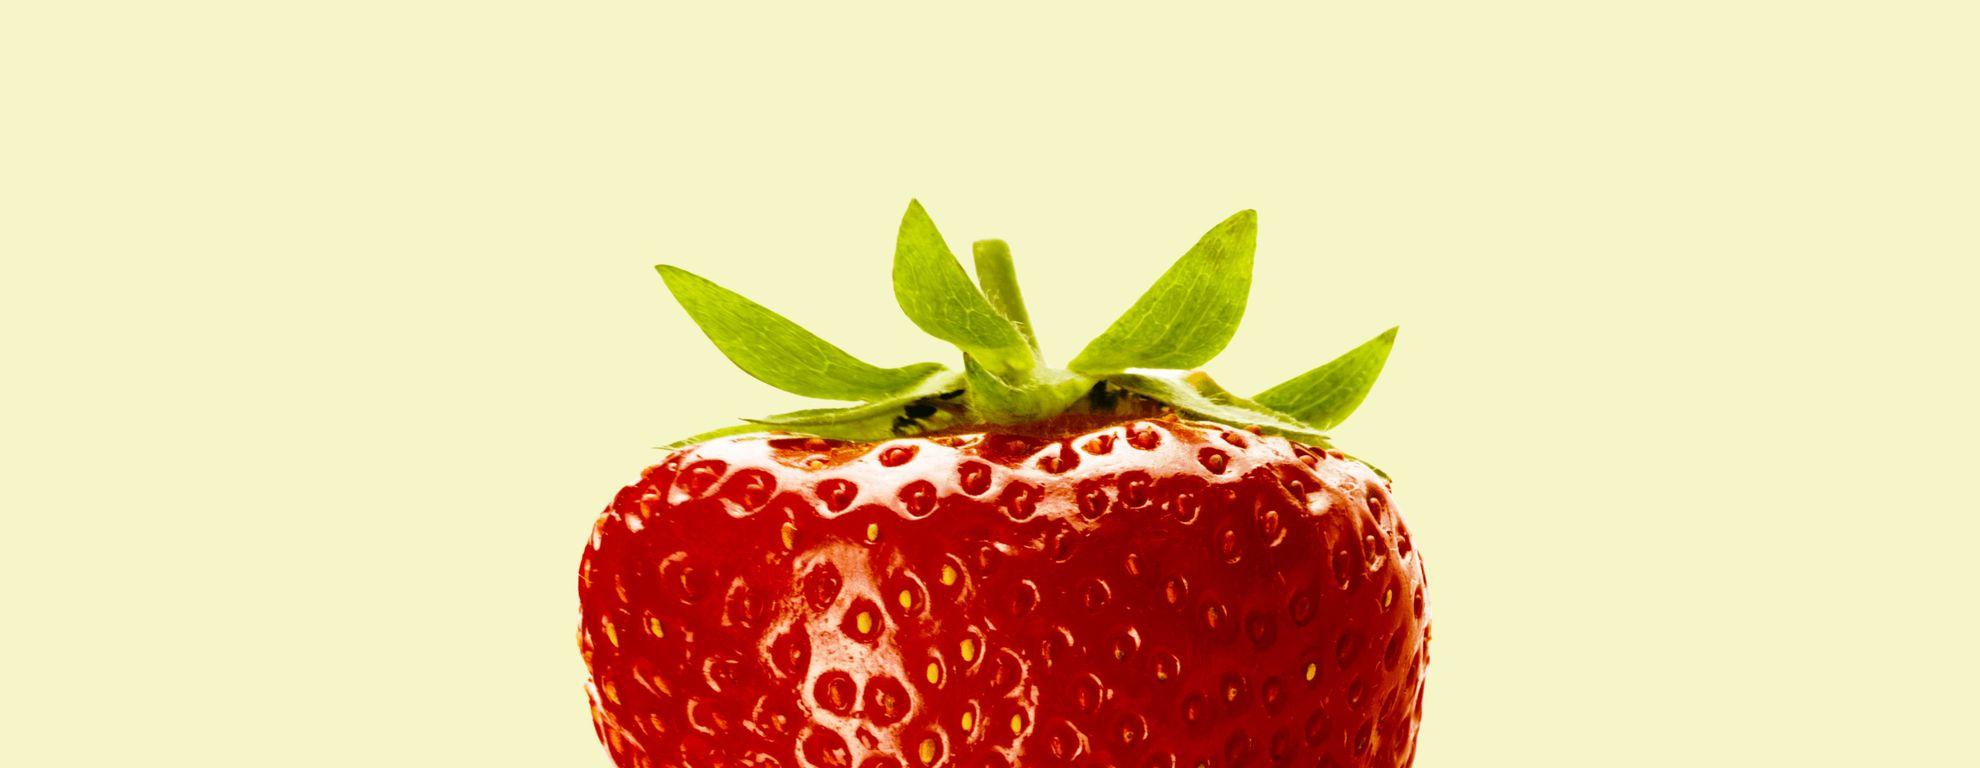 ¿Qué beneficios tiene la fresa para la salud? - Featured image